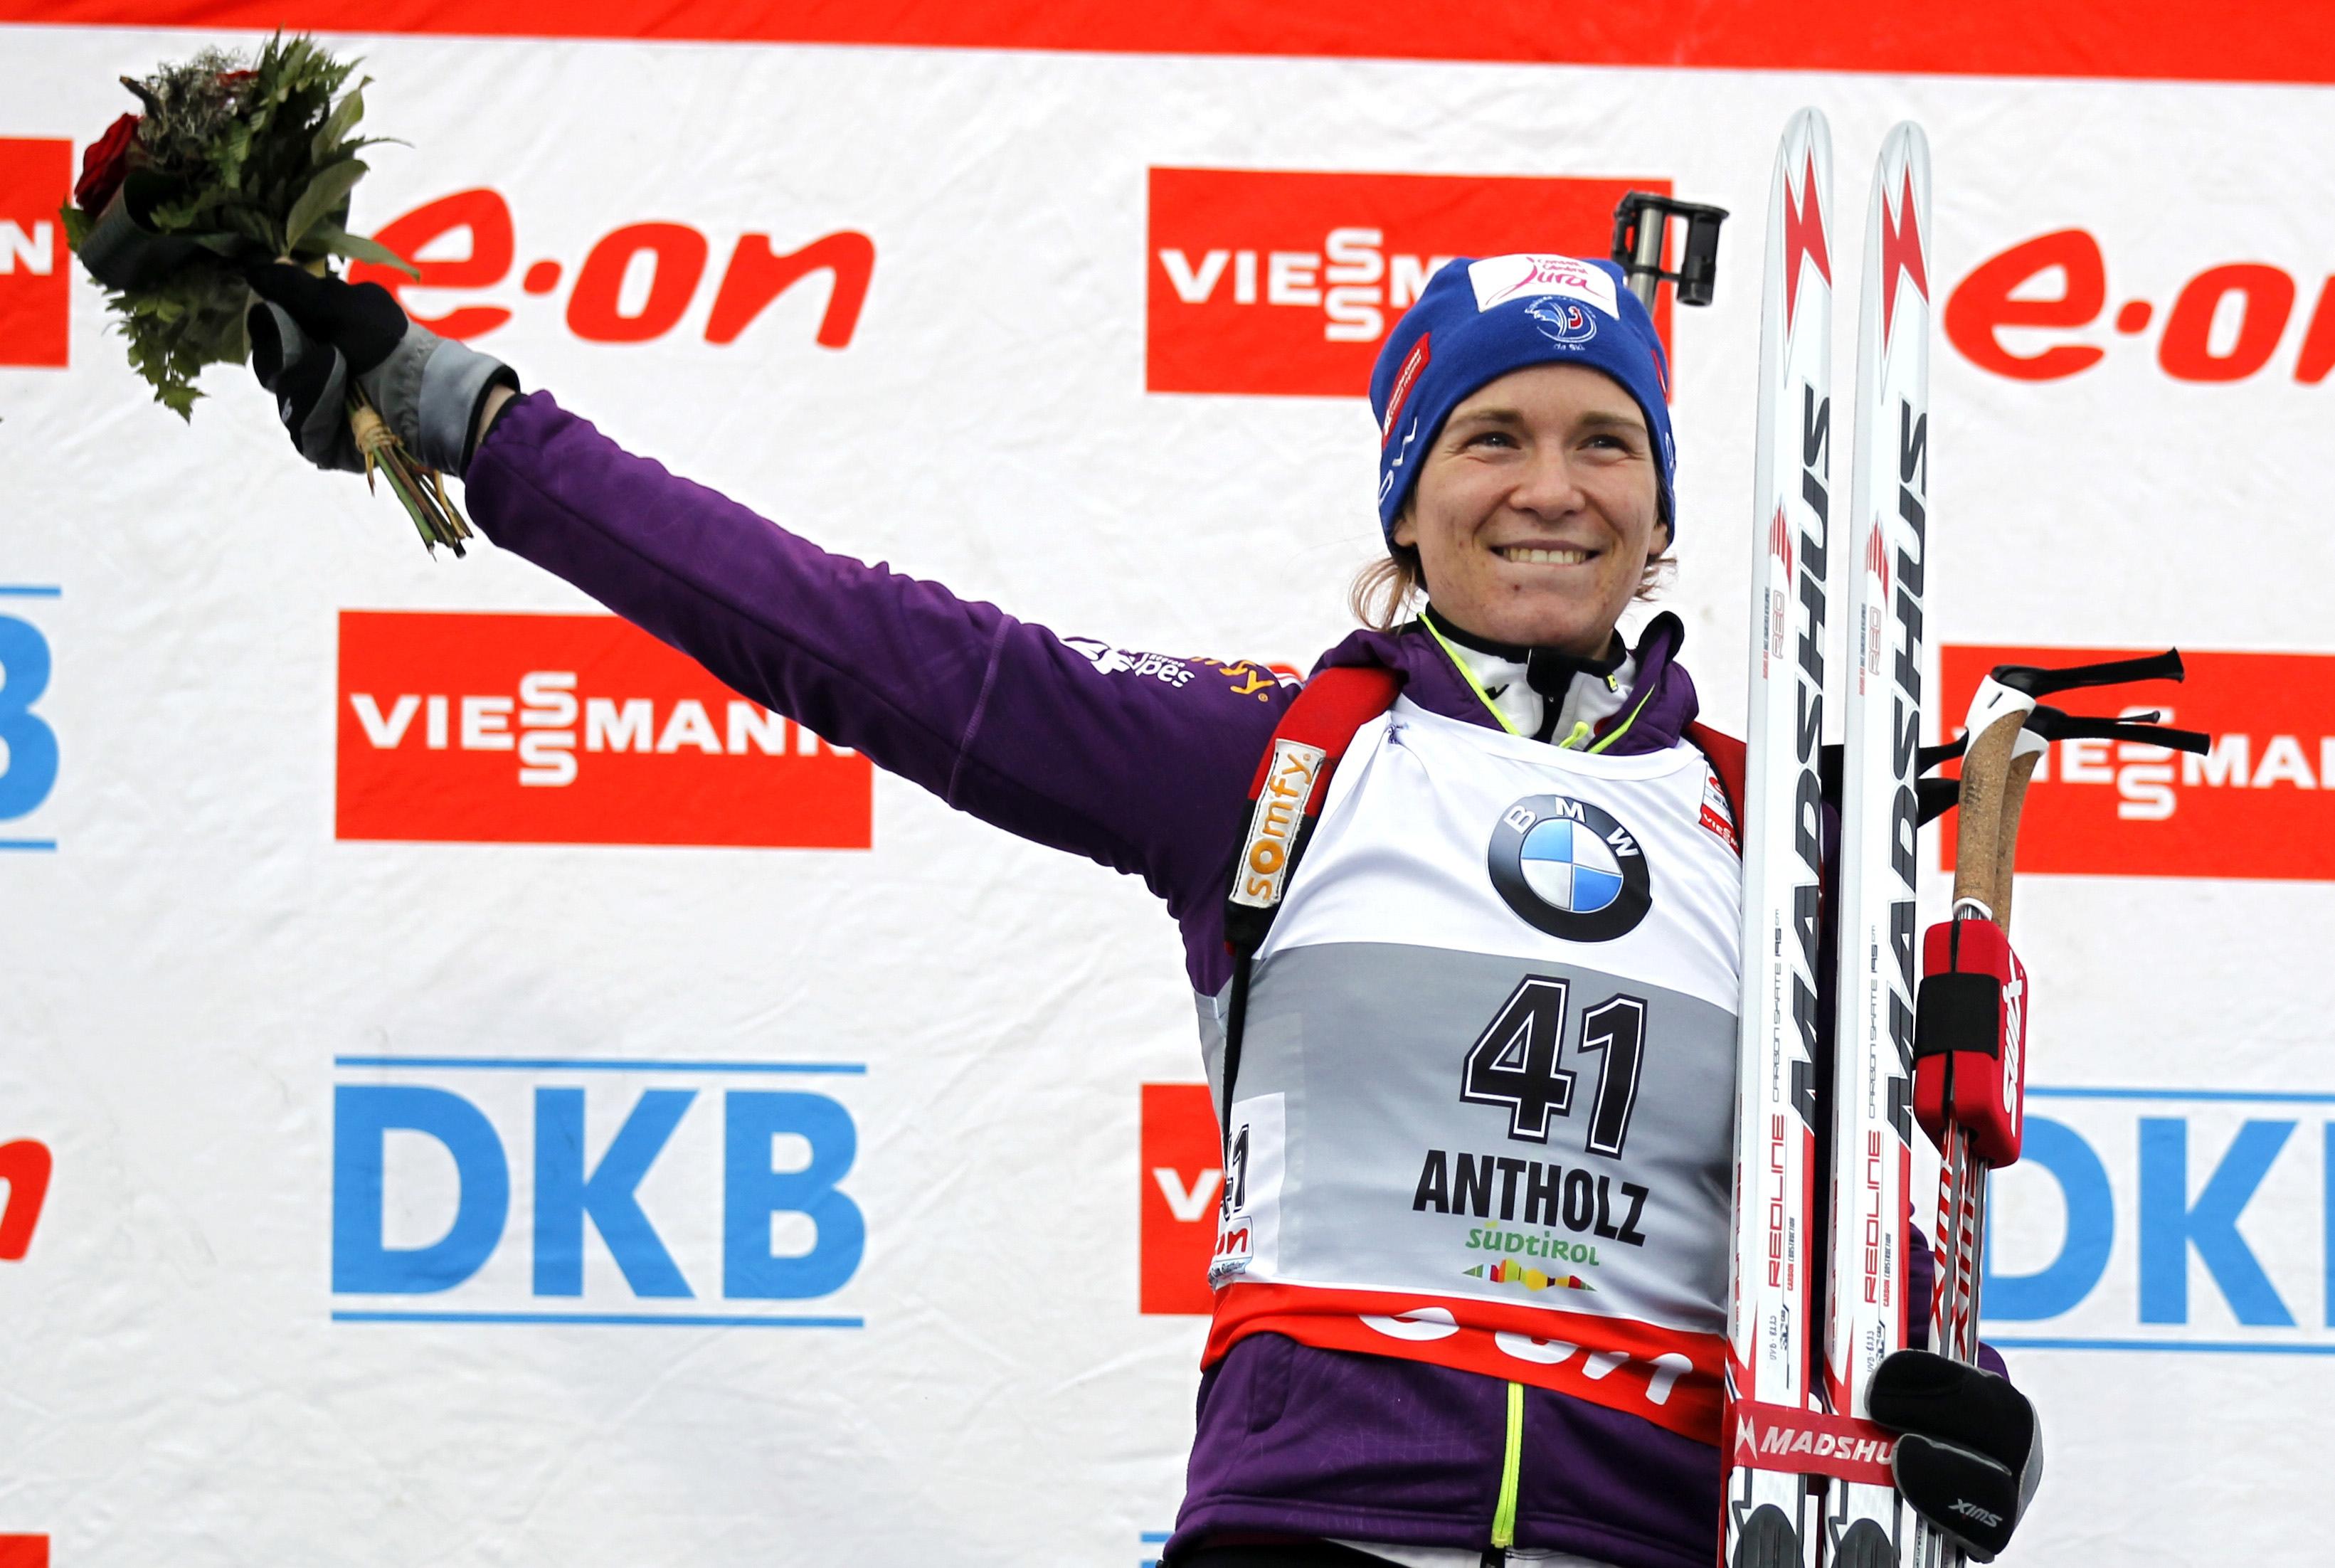 Анэс Бескон выиграла спринт в Антхольце